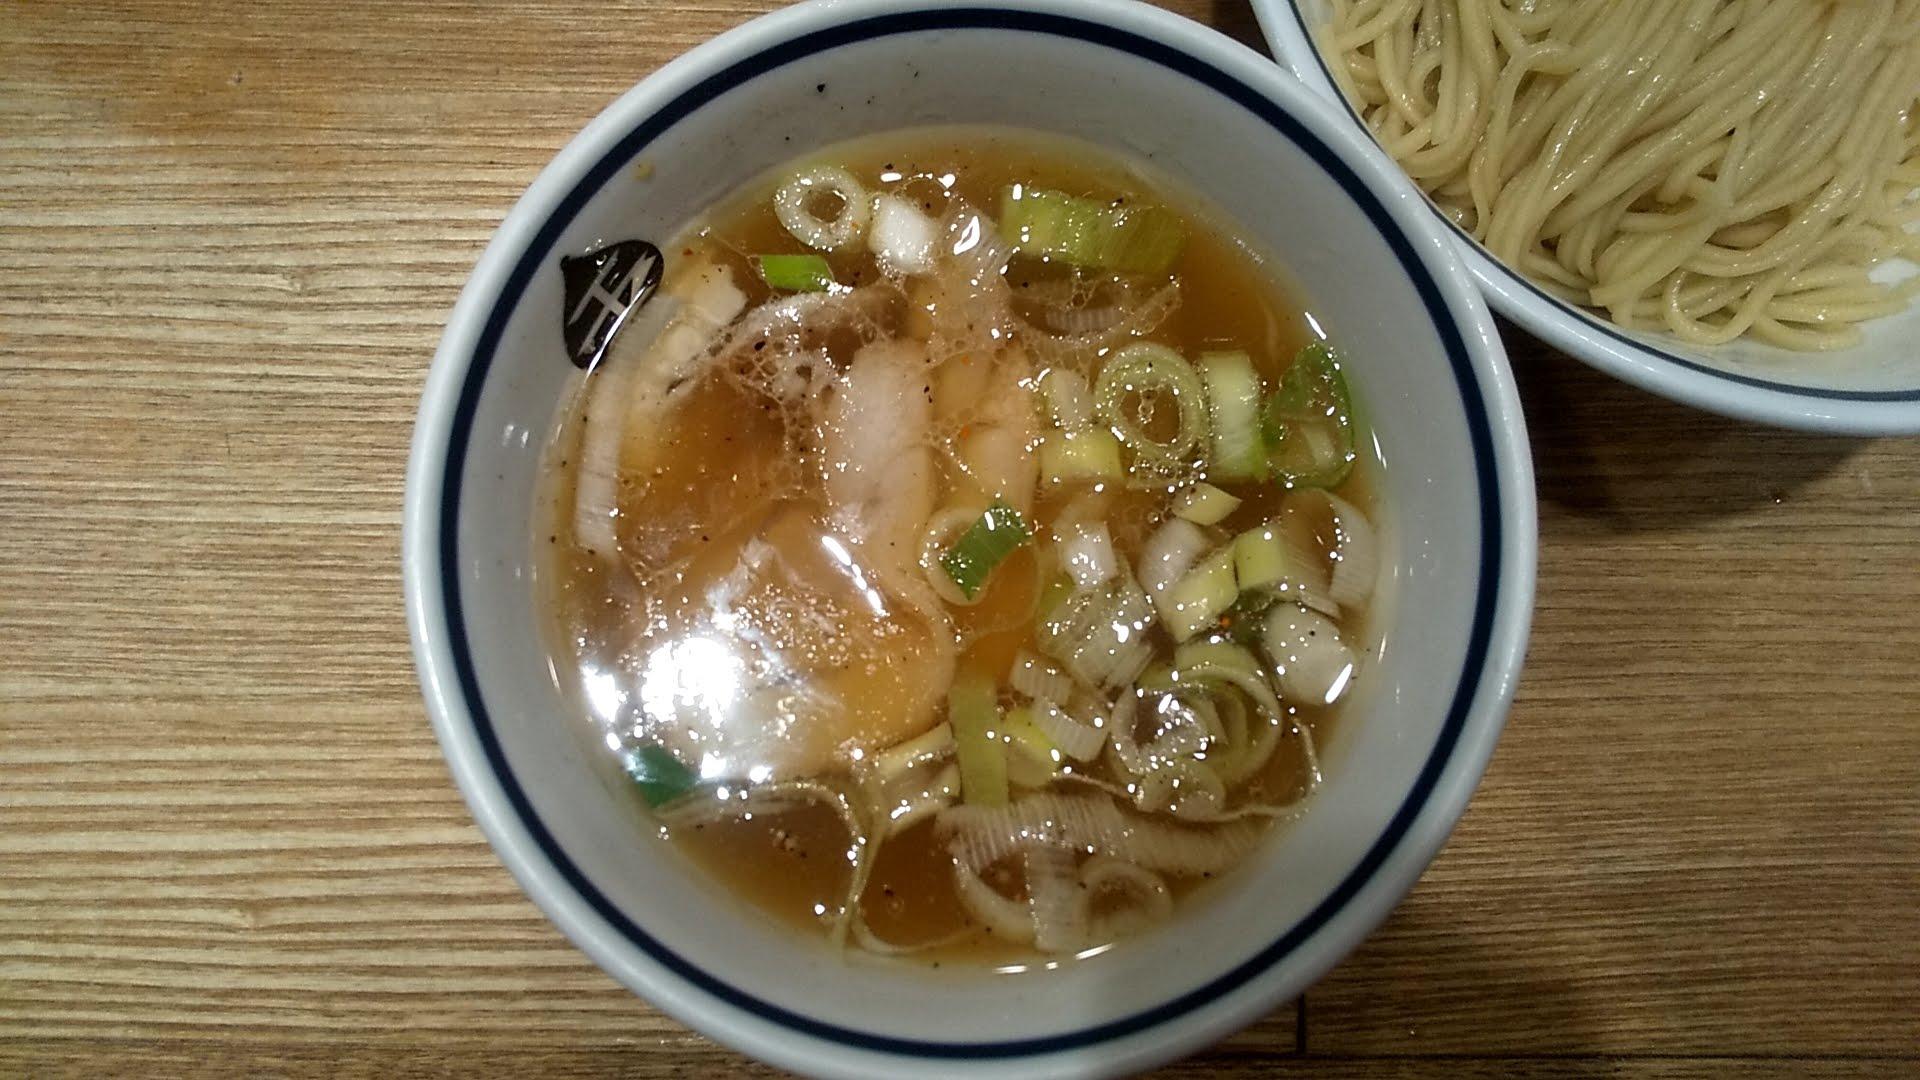 玉バラそば屋のつけ麺のつけ汁の写真